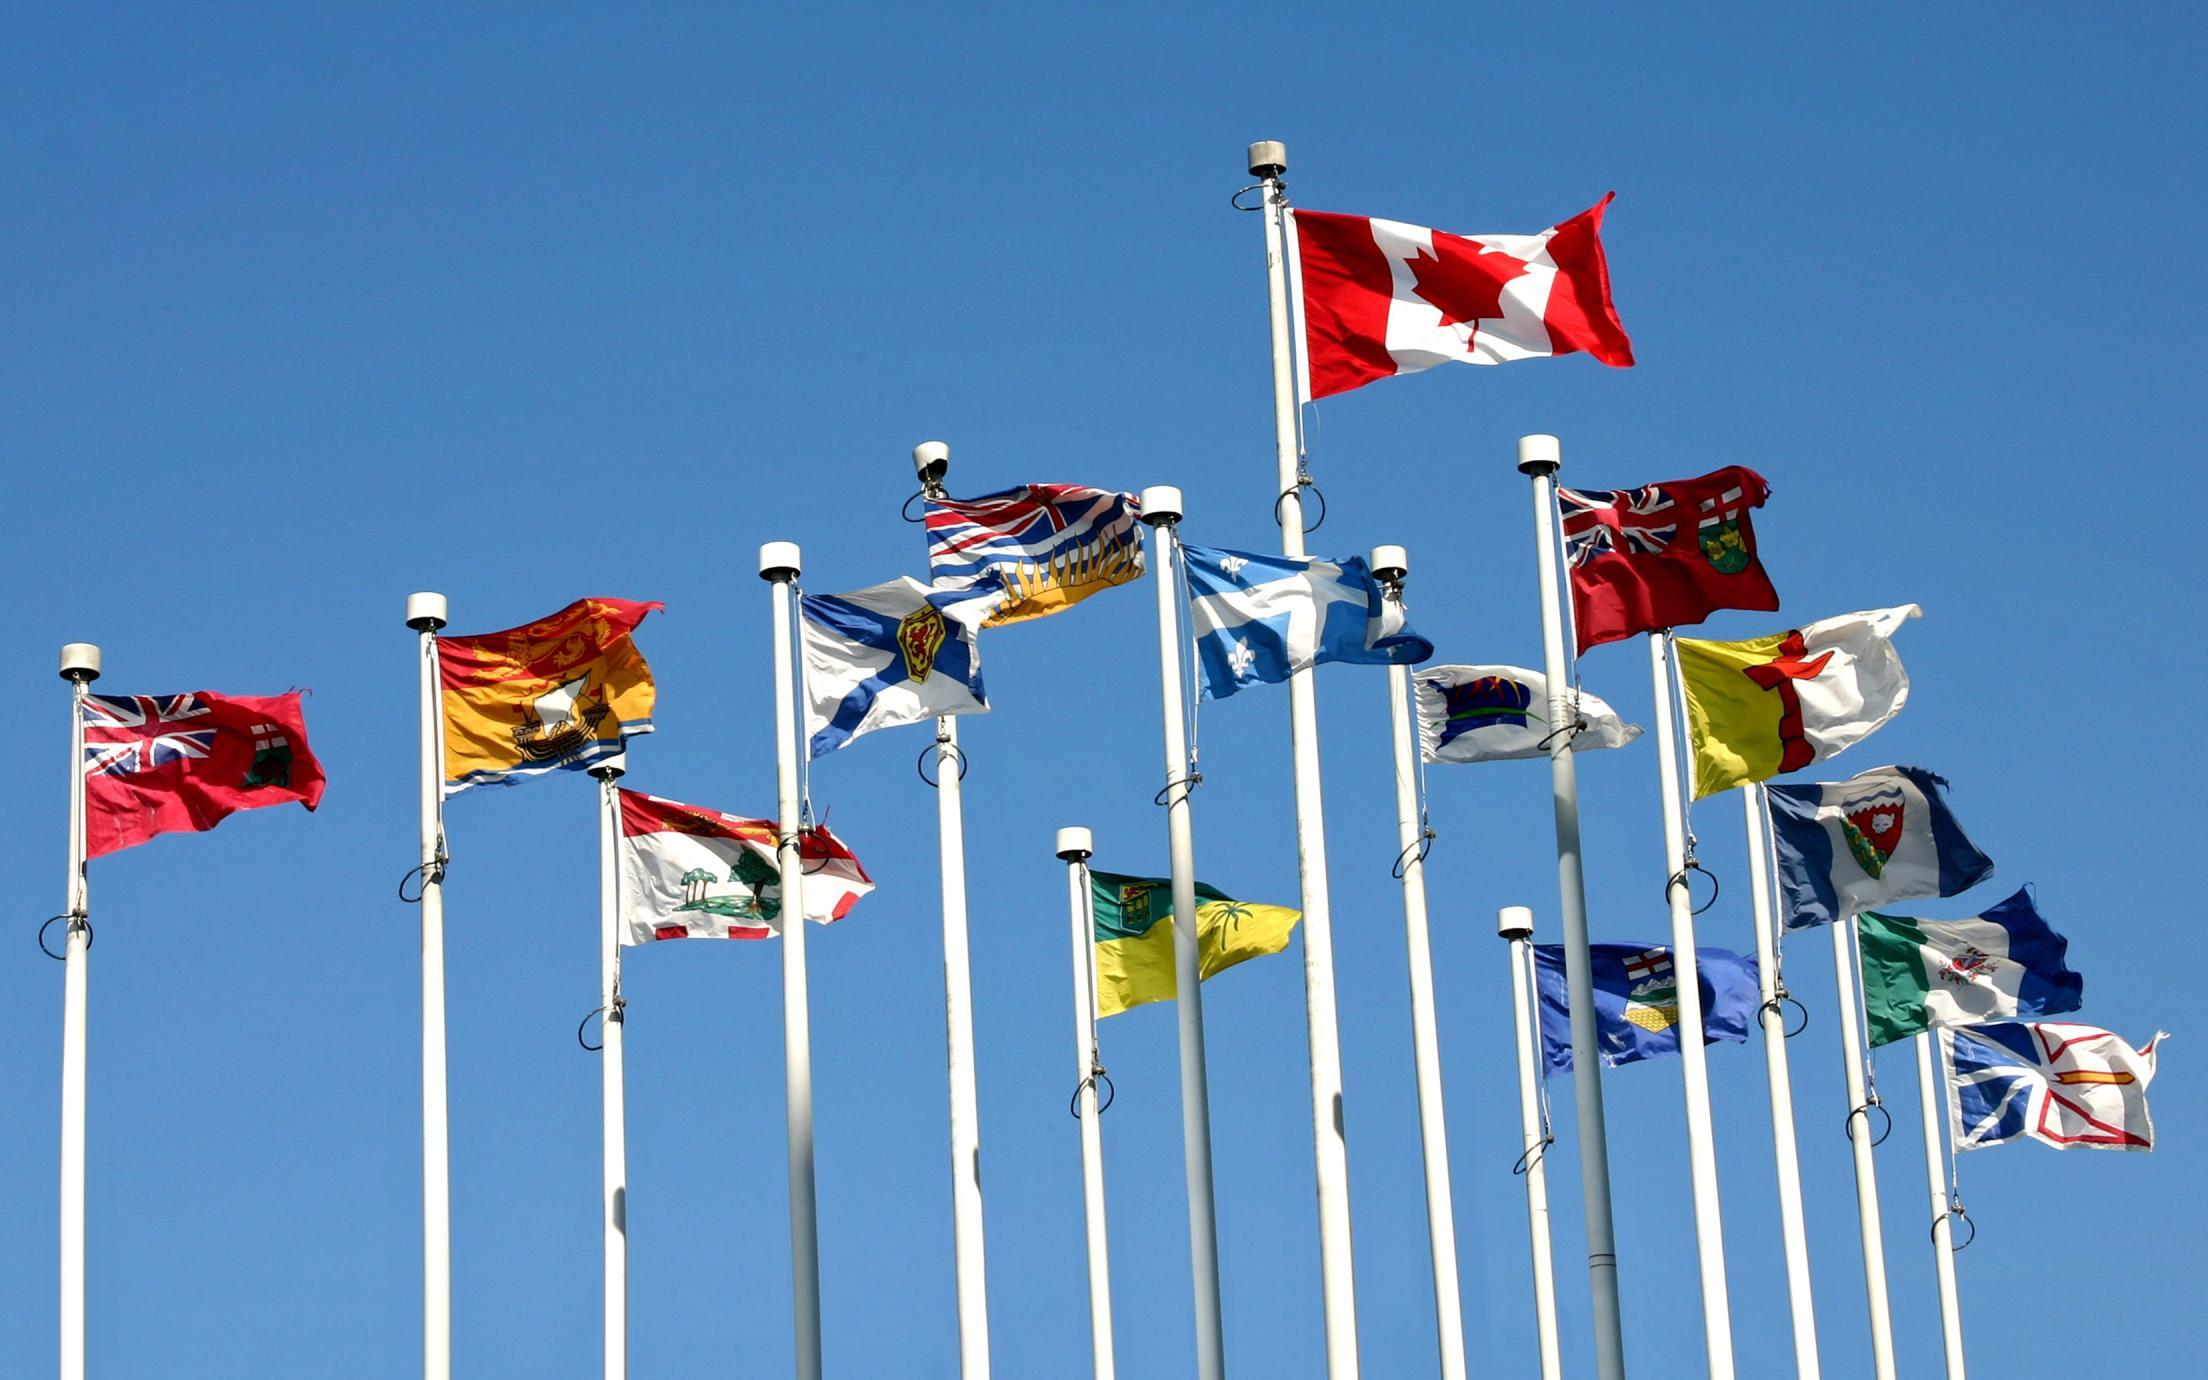 VIU Provincial Flags of Canada